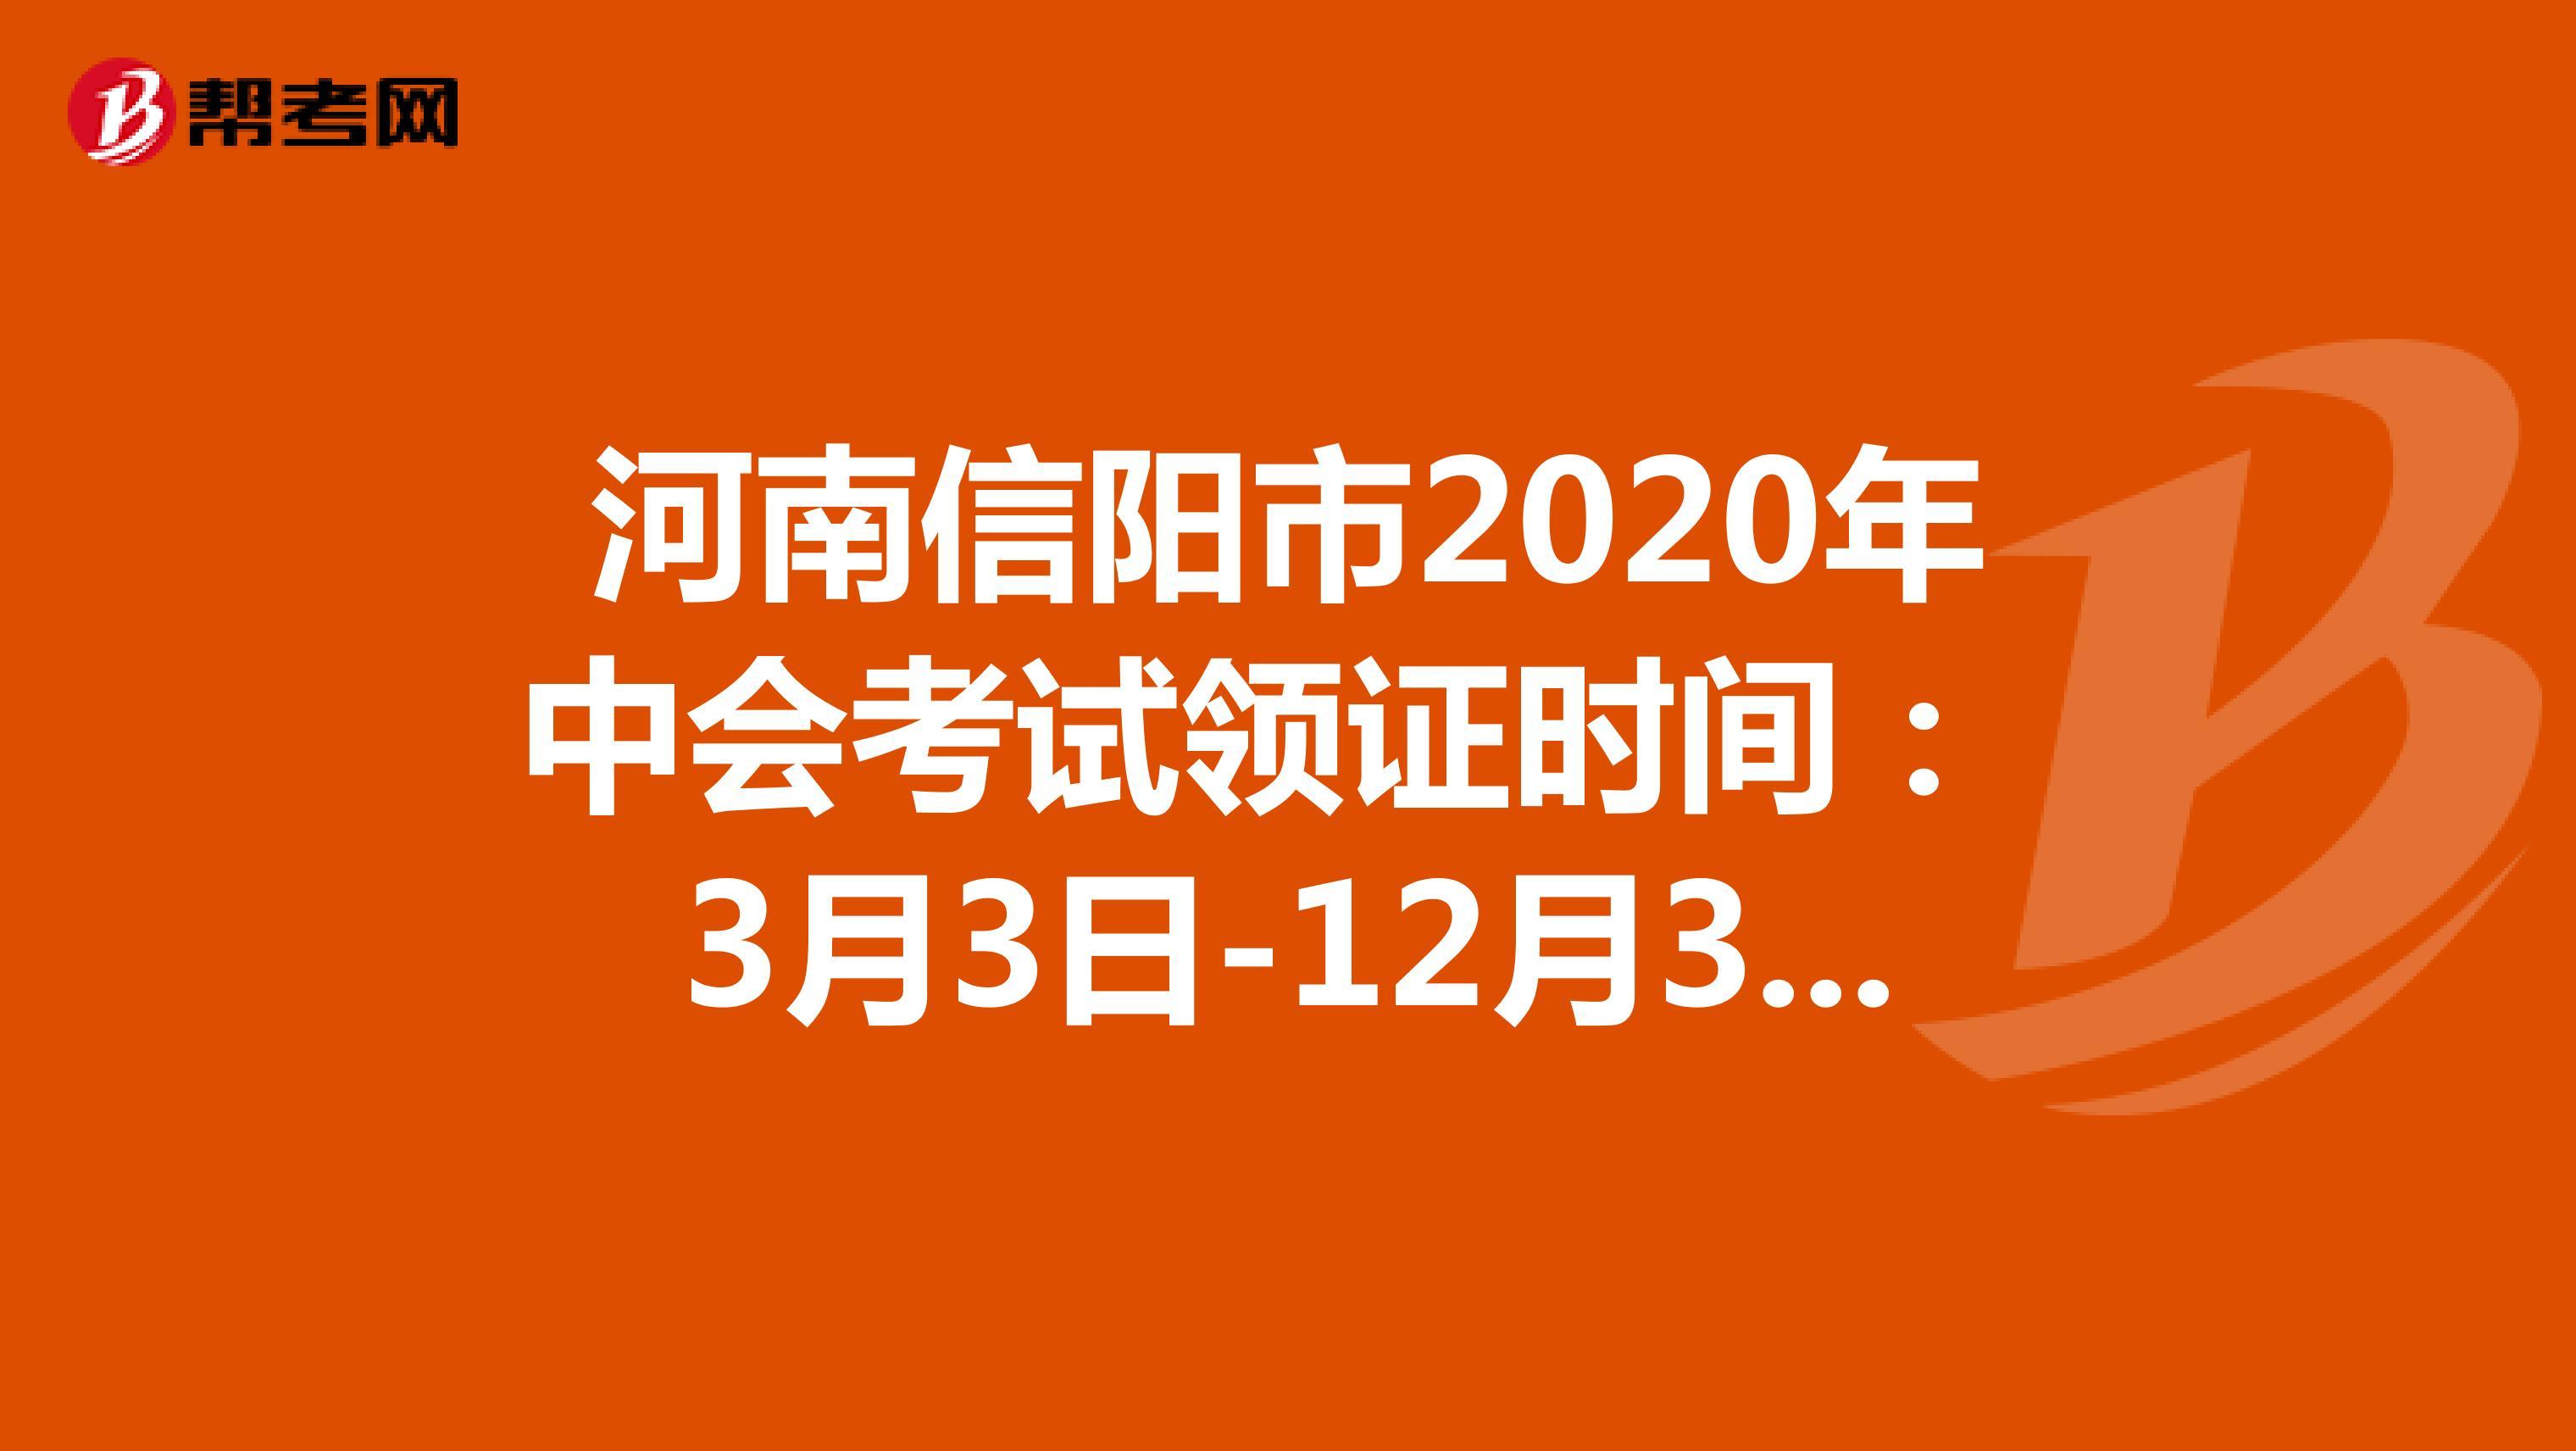 河南信陽市2020年中會考試領證時間:3月3日-12月31日